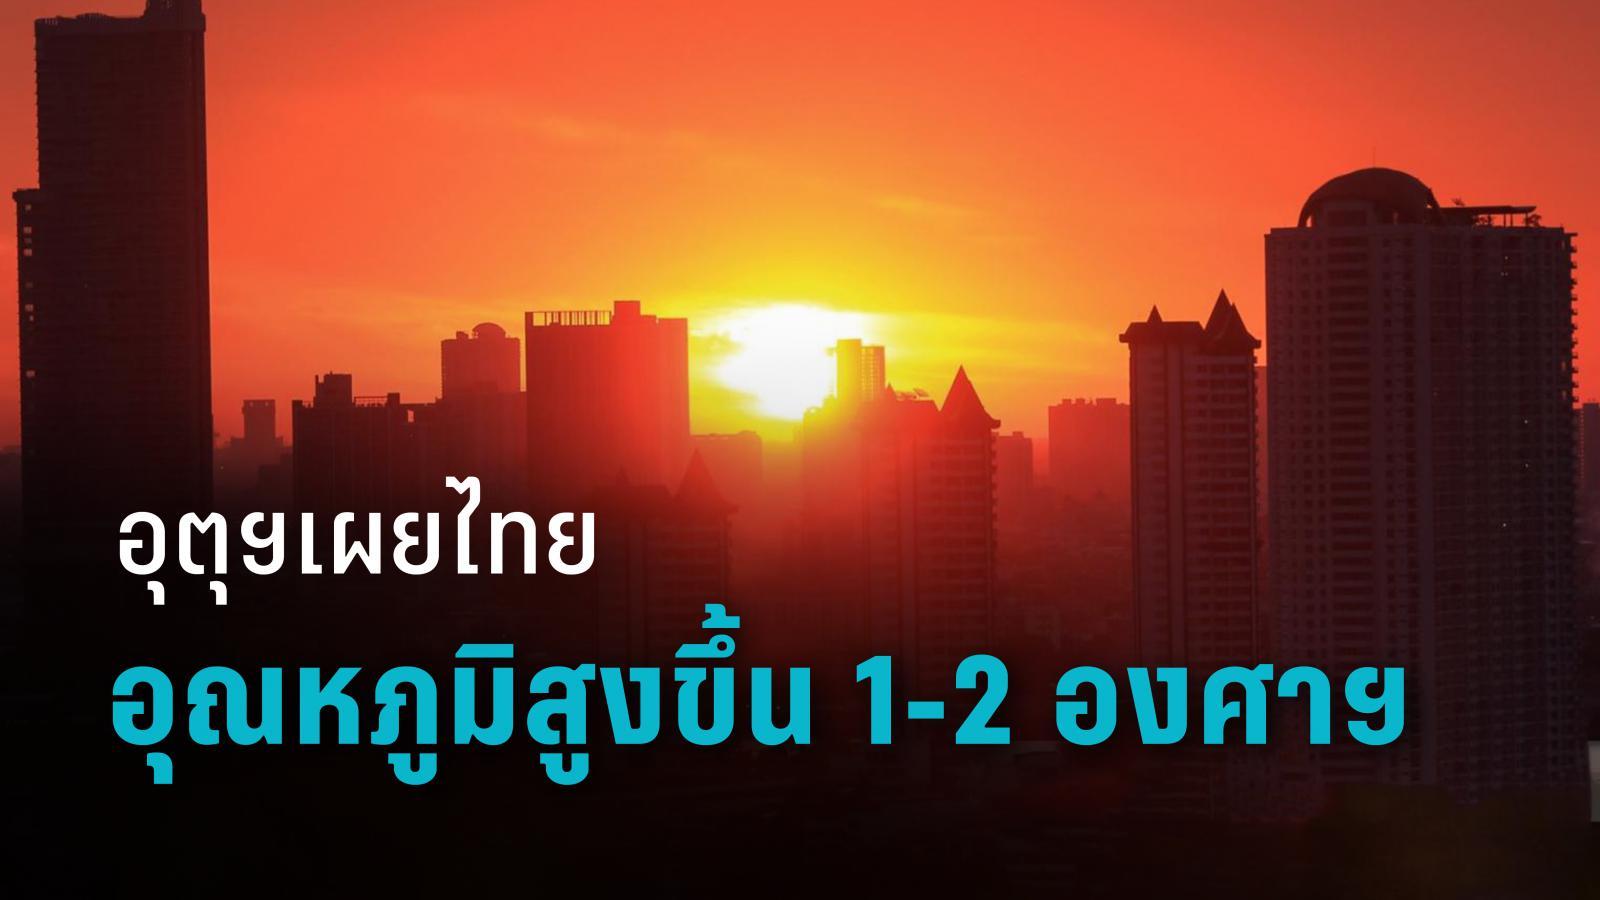 อุตุฯเผย ประเทศไทยอุณหภูมิสูงขึ้น 1-2 องศาฯ